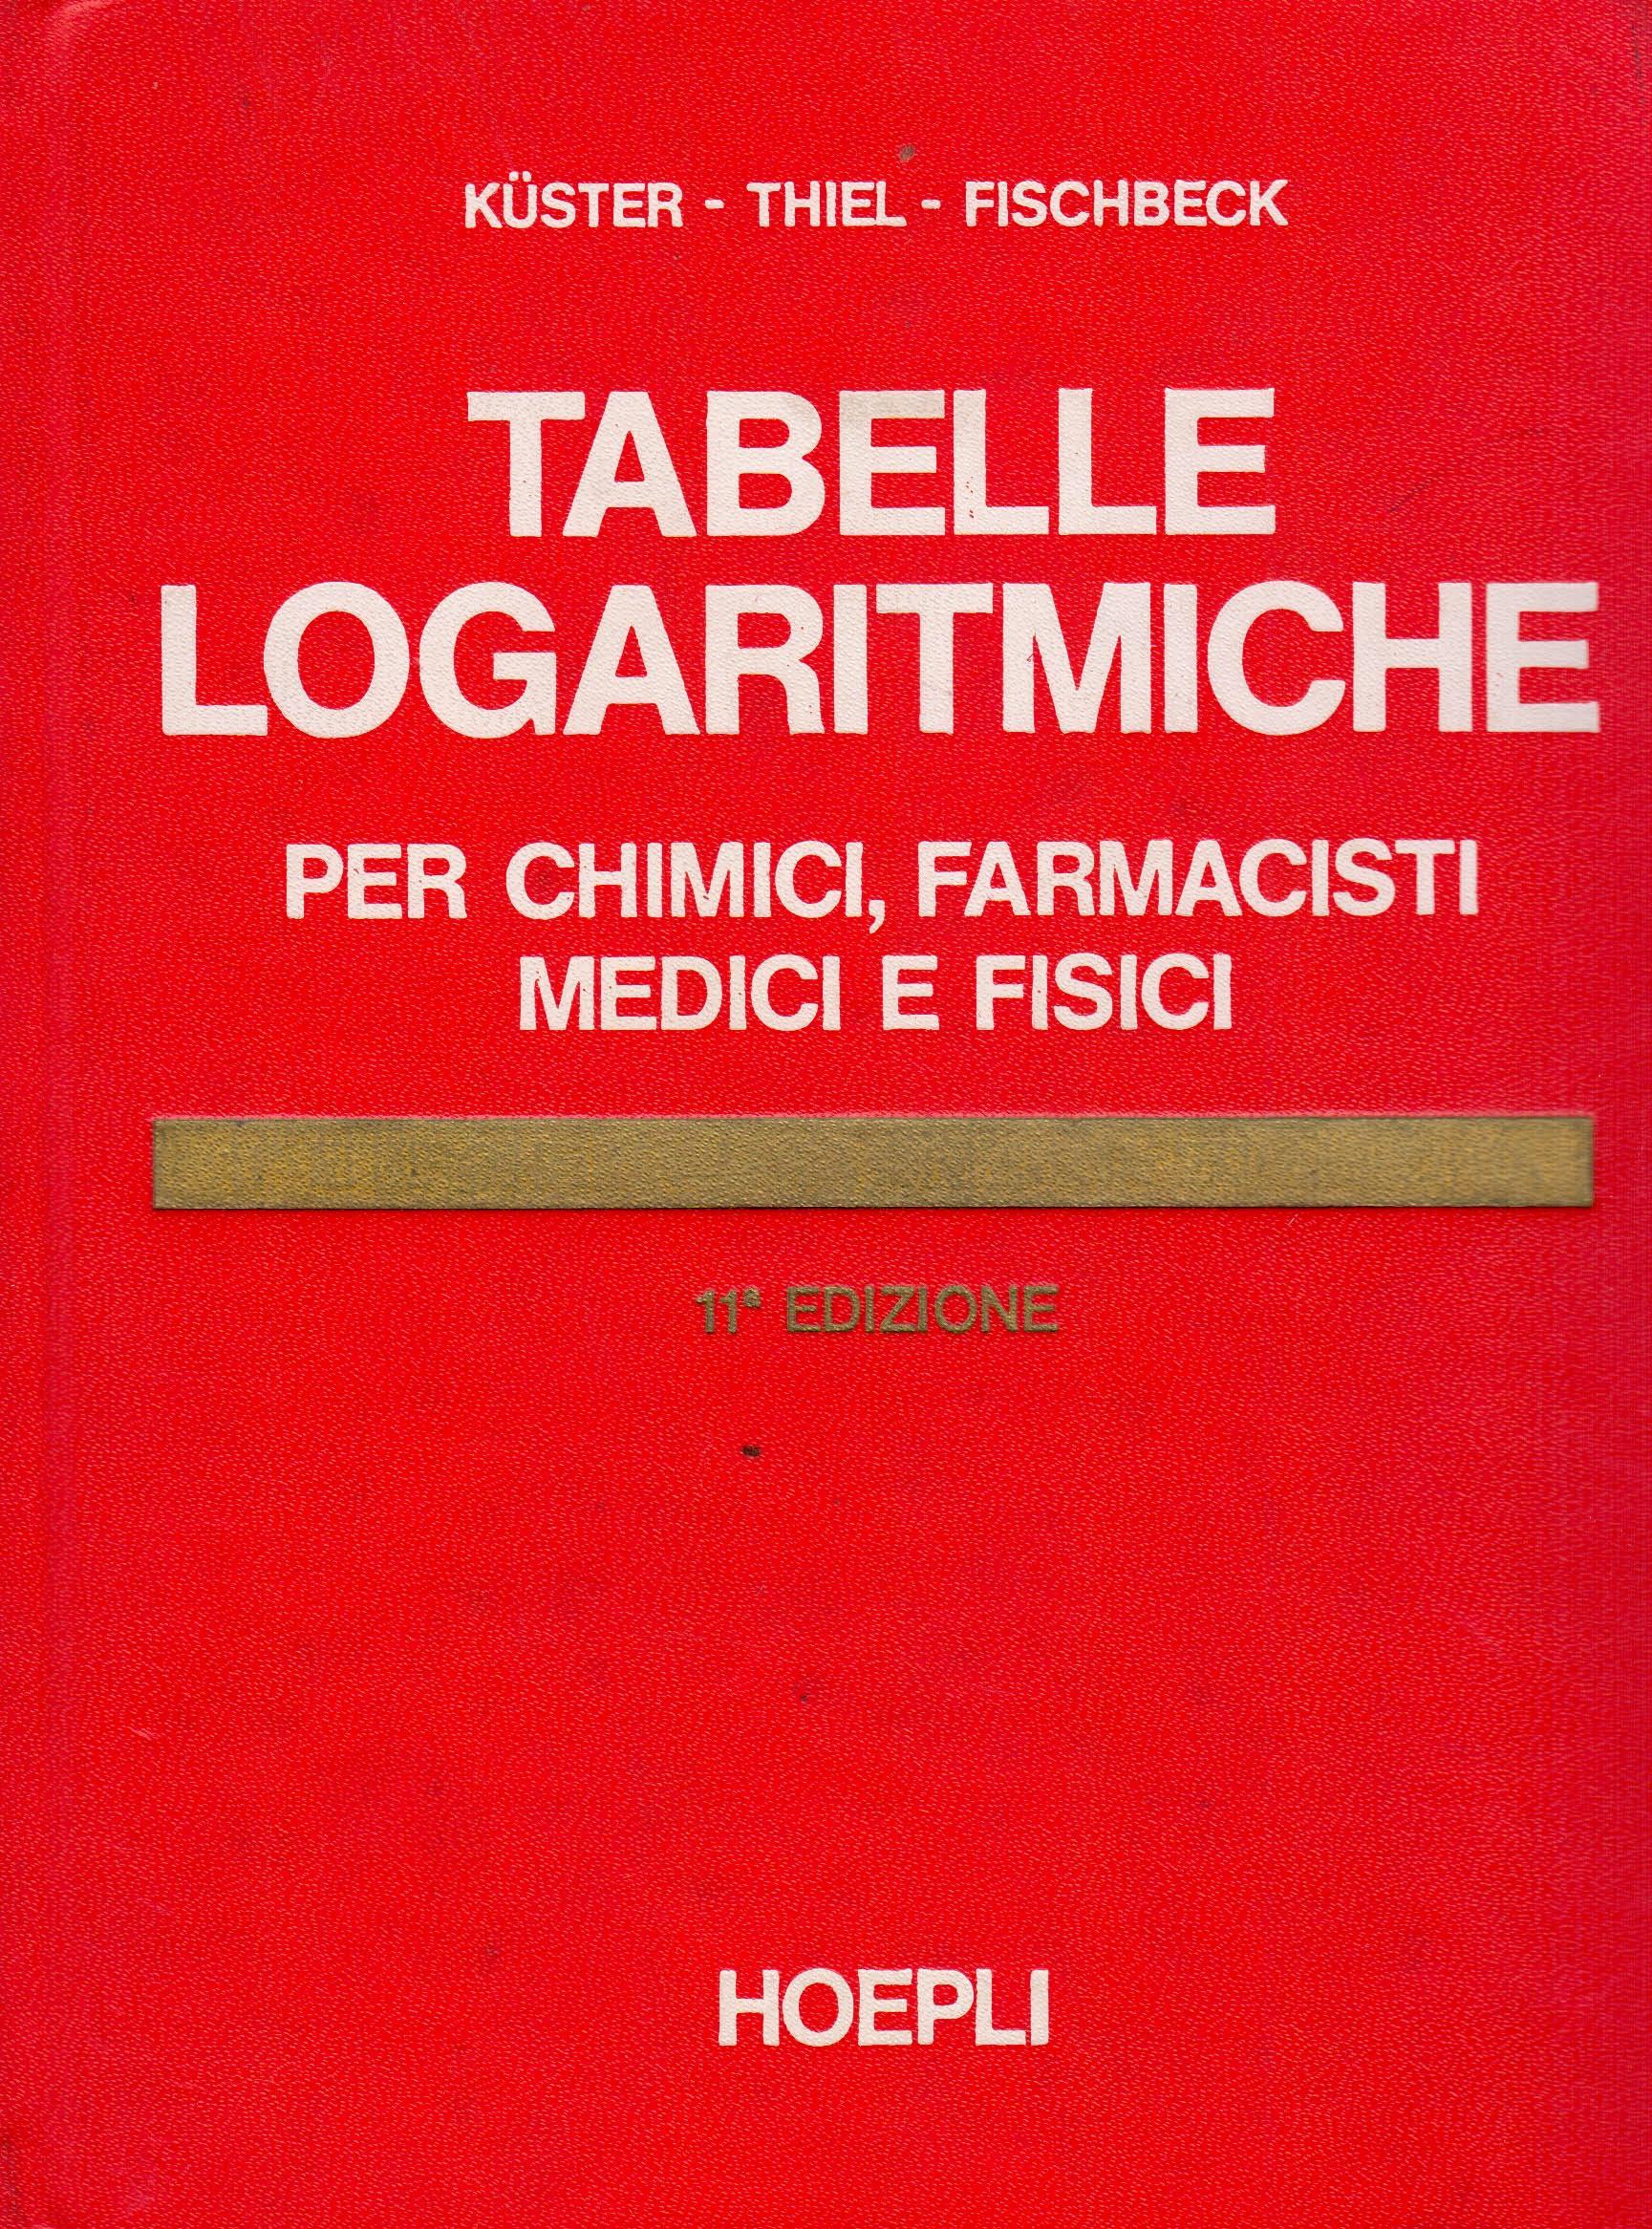 Tabelle logaritmiche per chimici, farmacisti, medici e fisici